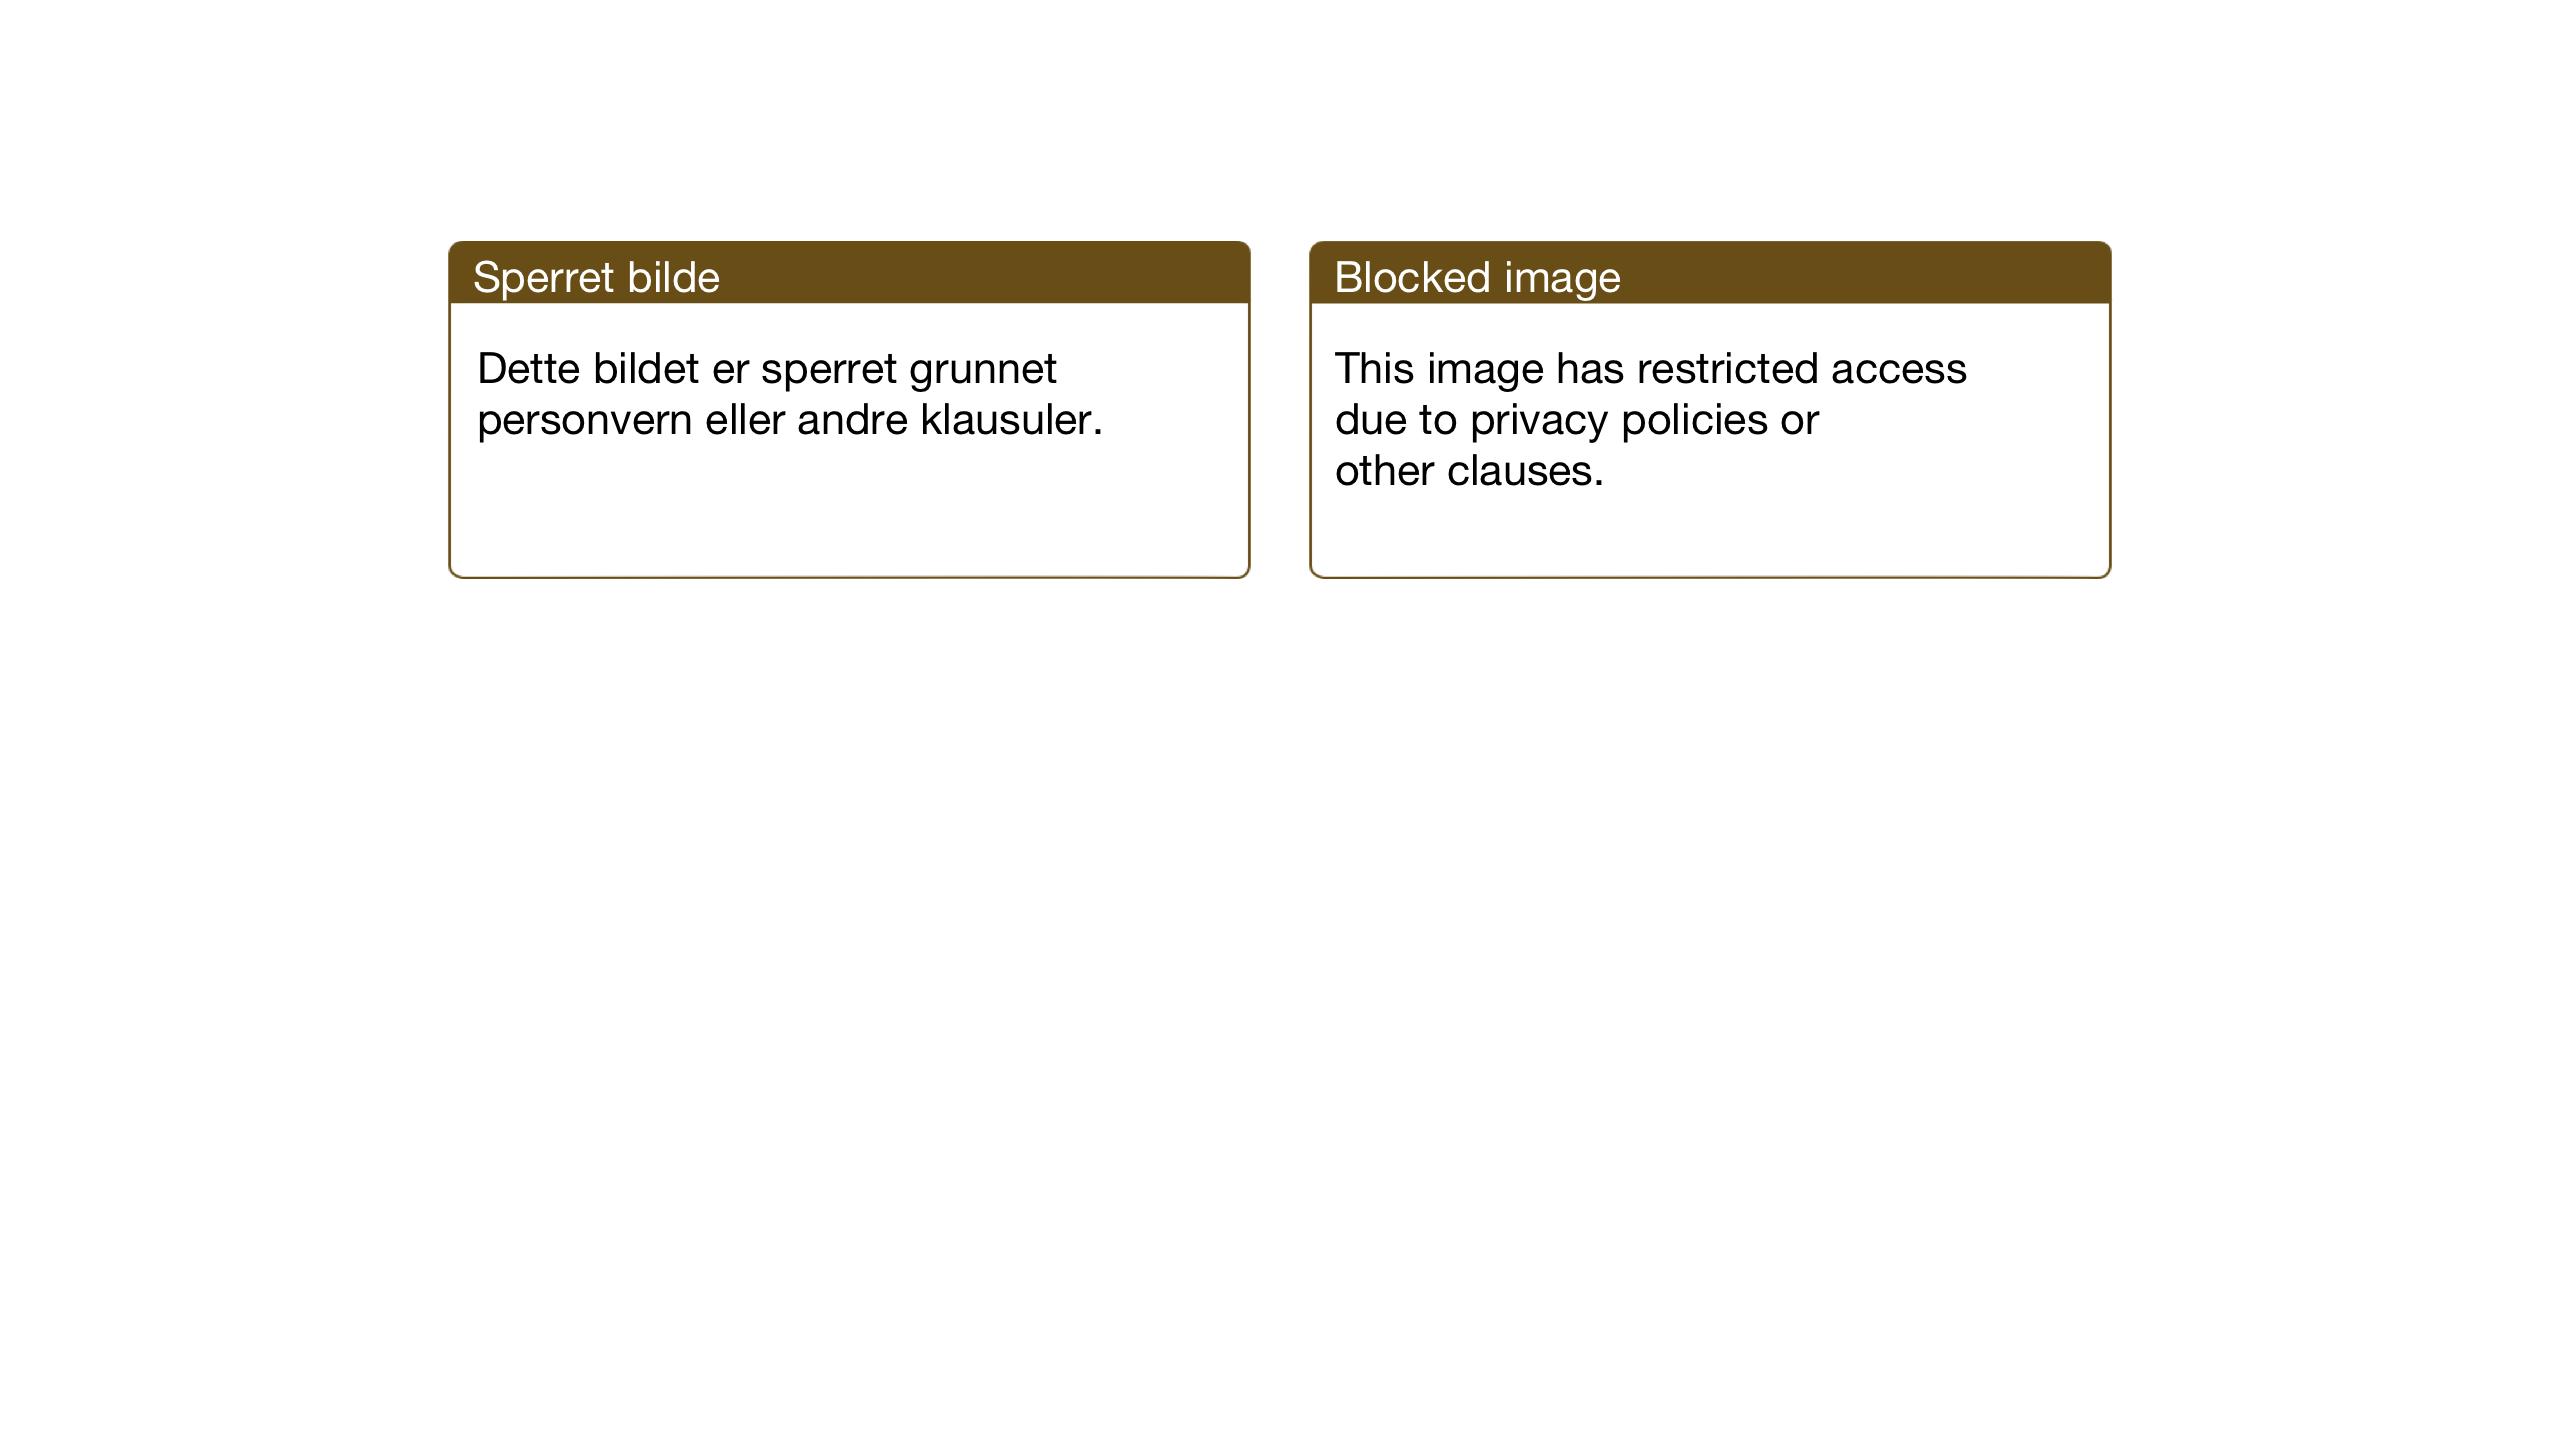 SAT, Ministerialprotokoller, klokkerbøker og fødselsregistre - Sør-Trøndelag, 685/L0979: Klokkerbok nr. 685C04, 1908-1933, s. 46